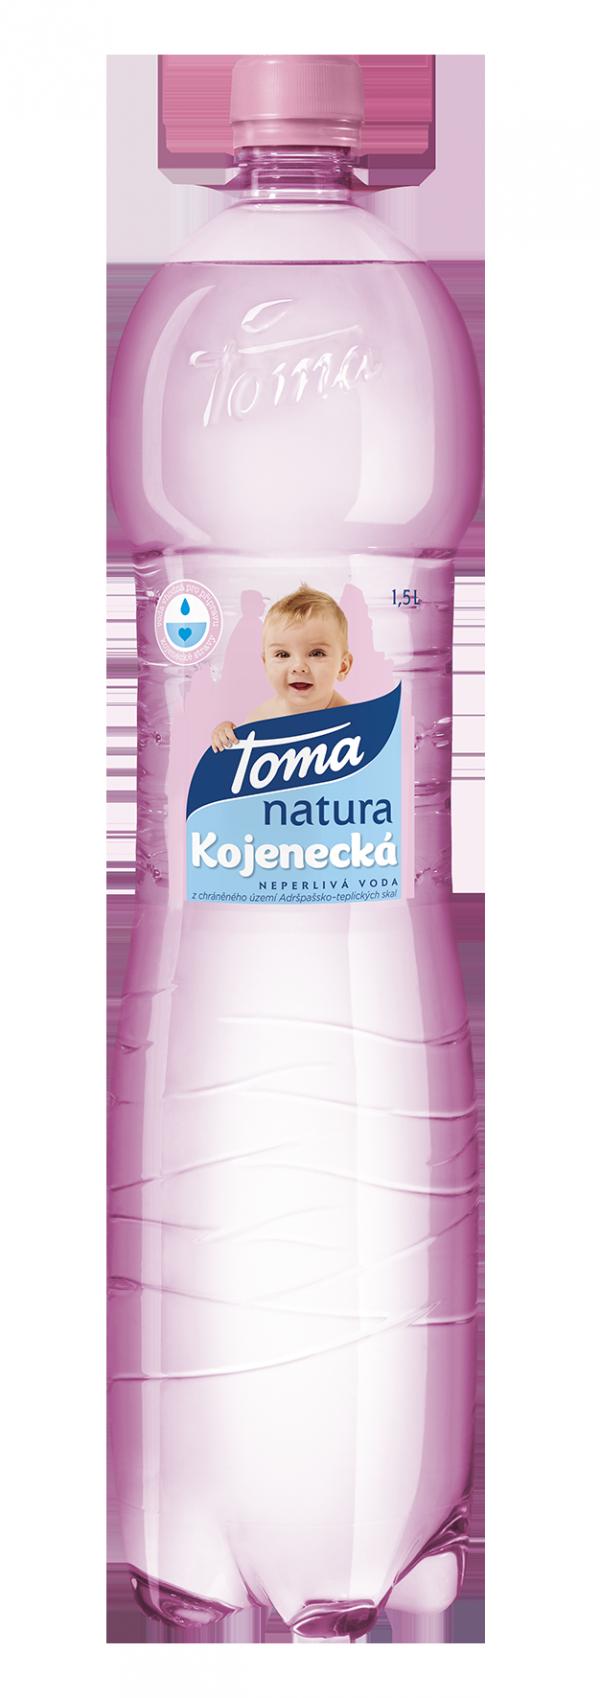 Toma uvedla na trh novou vodu pro kojence